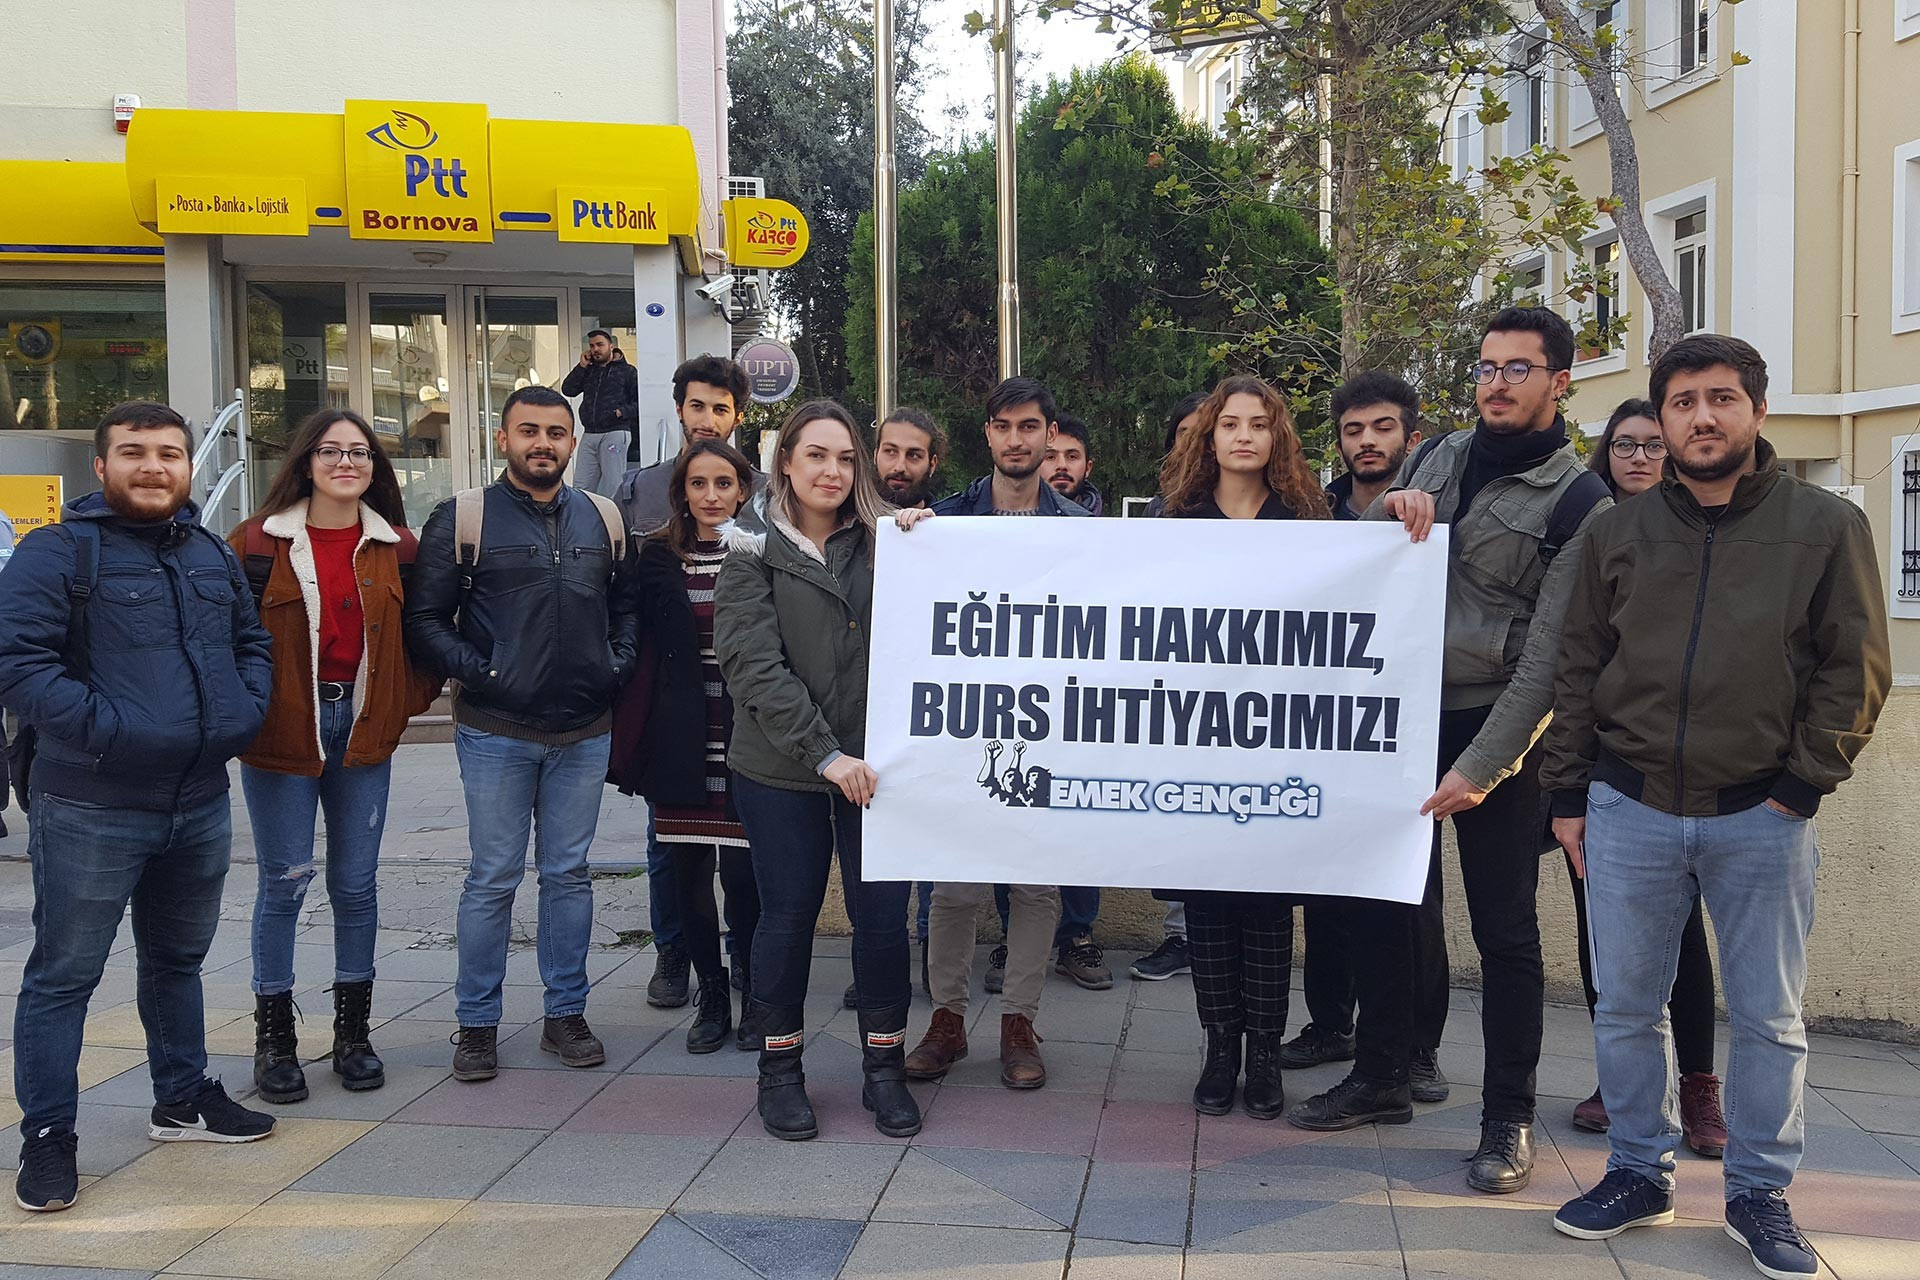 İzmir'de postane önünde 'Eğitim hakkımız, burs ihtiyacımız!' pankartı tutan Emek Gençliği üyeleri